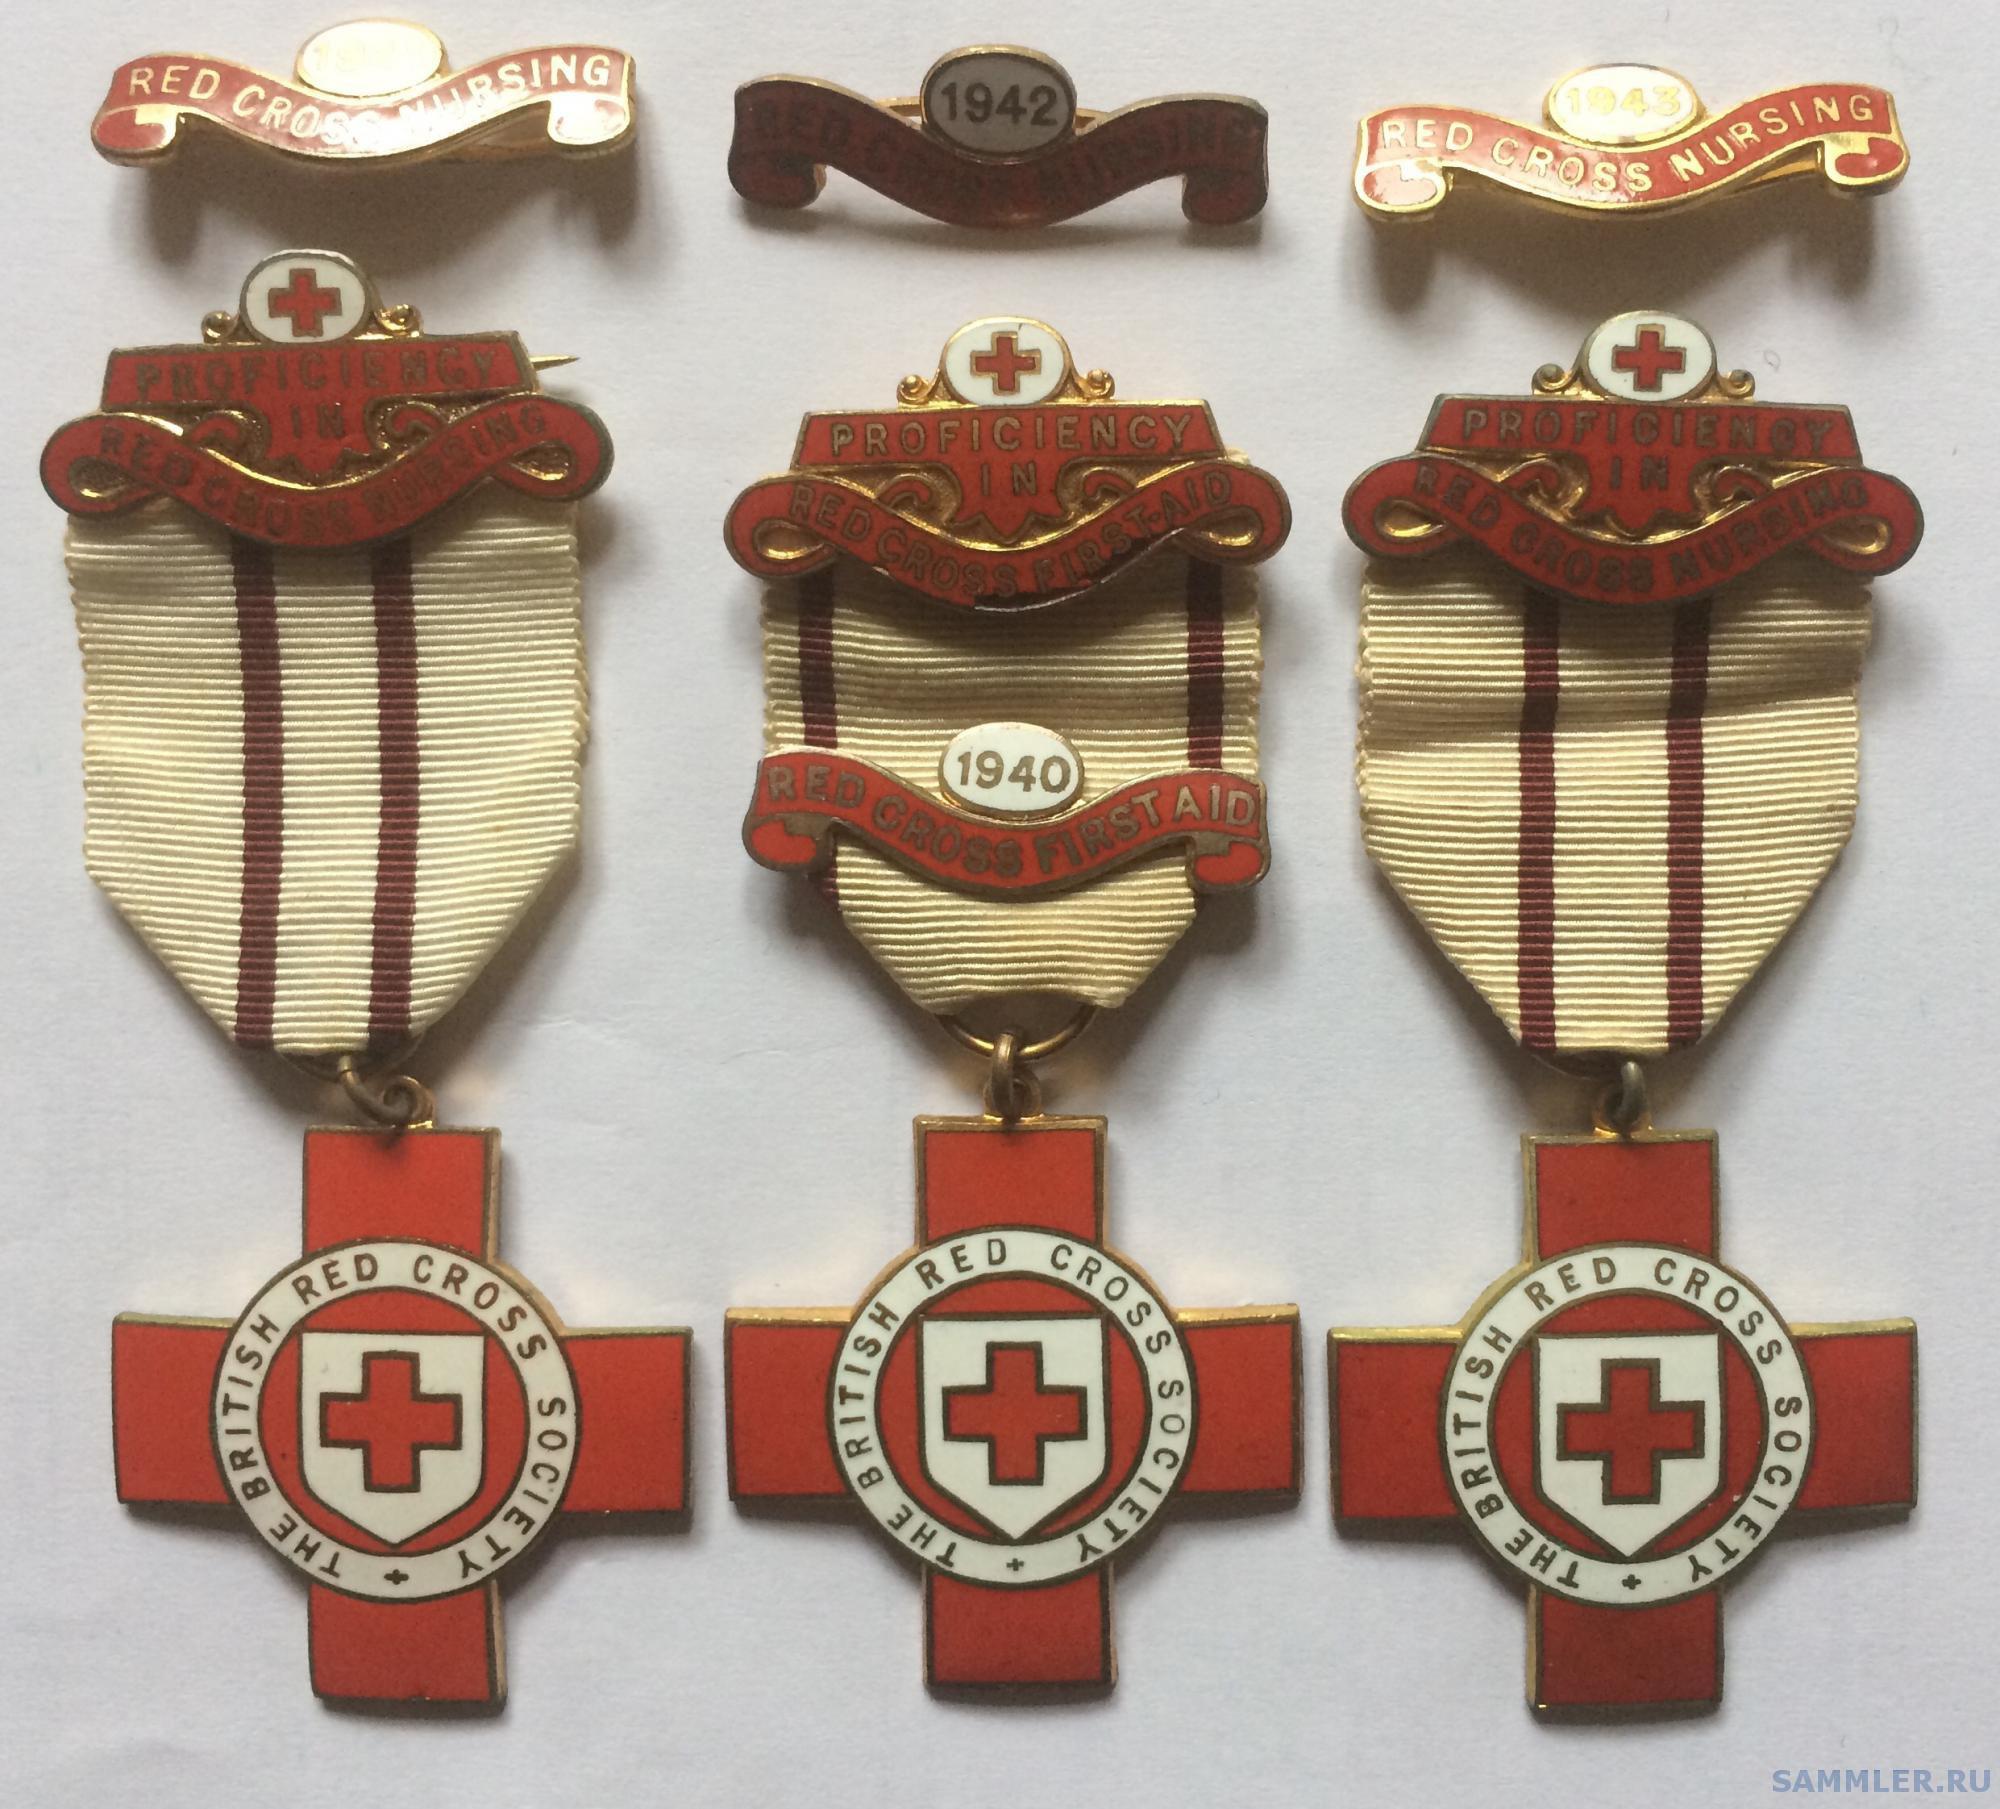 3 crosses front 2.jpg